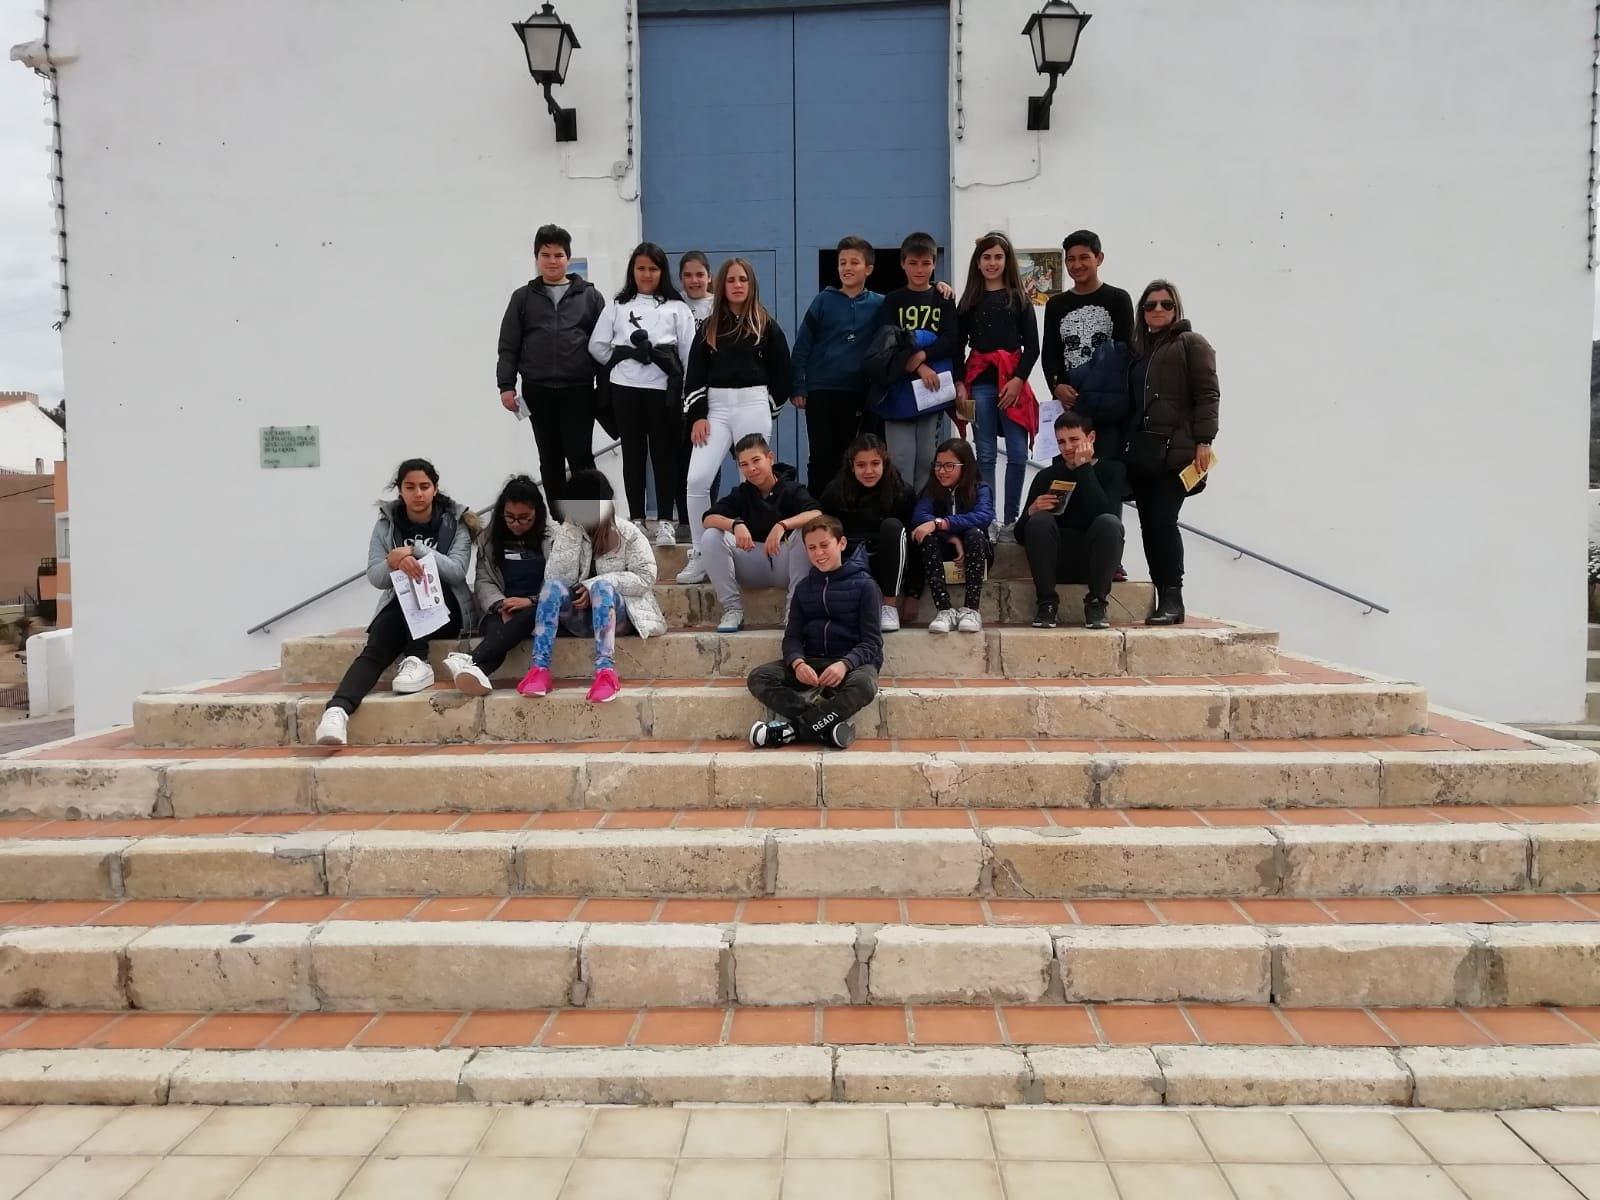 (2019-04-08) Visita ermita alumnos Yolada - 6 - Virrey Poveda - María Isabel Berenguer (02)